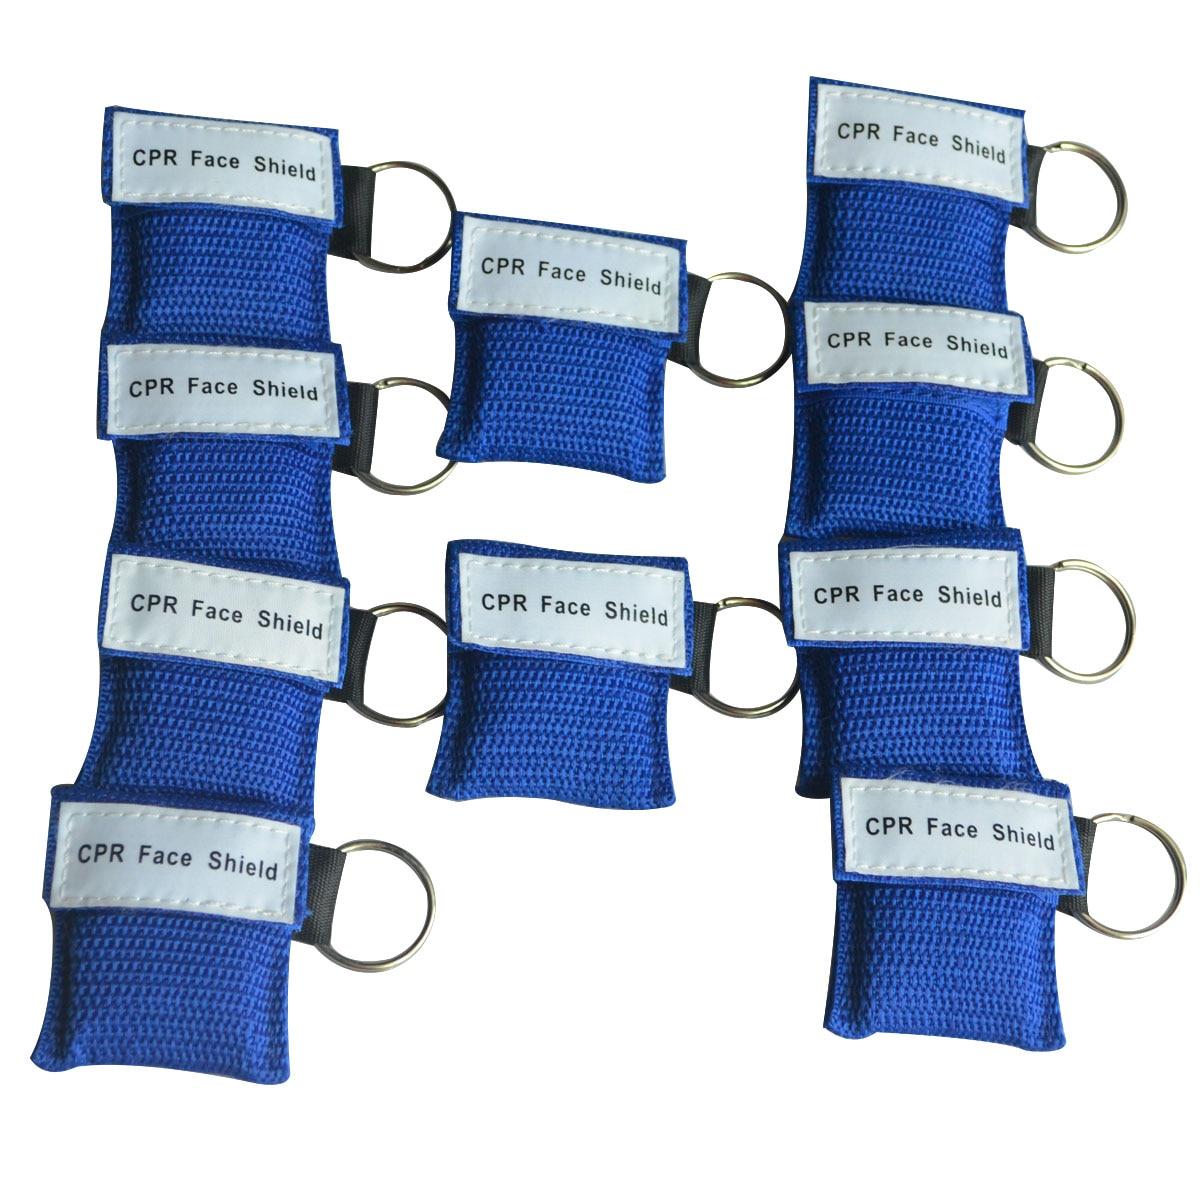 850 шт. маска для искусственного дыхания при реанимации защитный экран CPR односторонний клапан с кольцом для ключей аварийно спасательная Пе